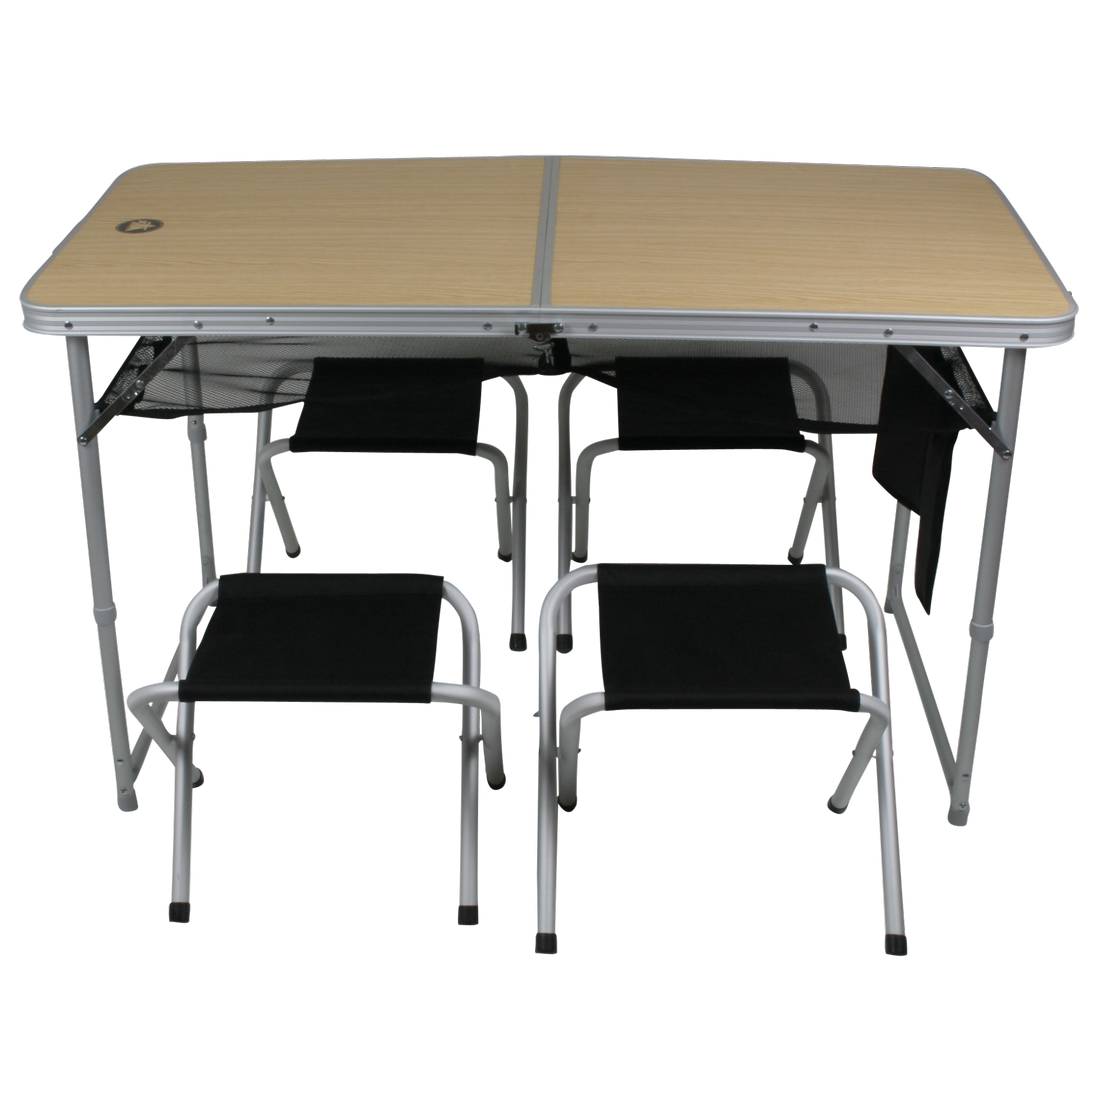 10t Portable Family Mobiles Tisch Hocker Set 4 Personen Aluminium Netz Ablagefache Im Koffer 64x64x9cm Kaufen Bei Spreen Onlin Mobiler Tisch Tisch Hocker